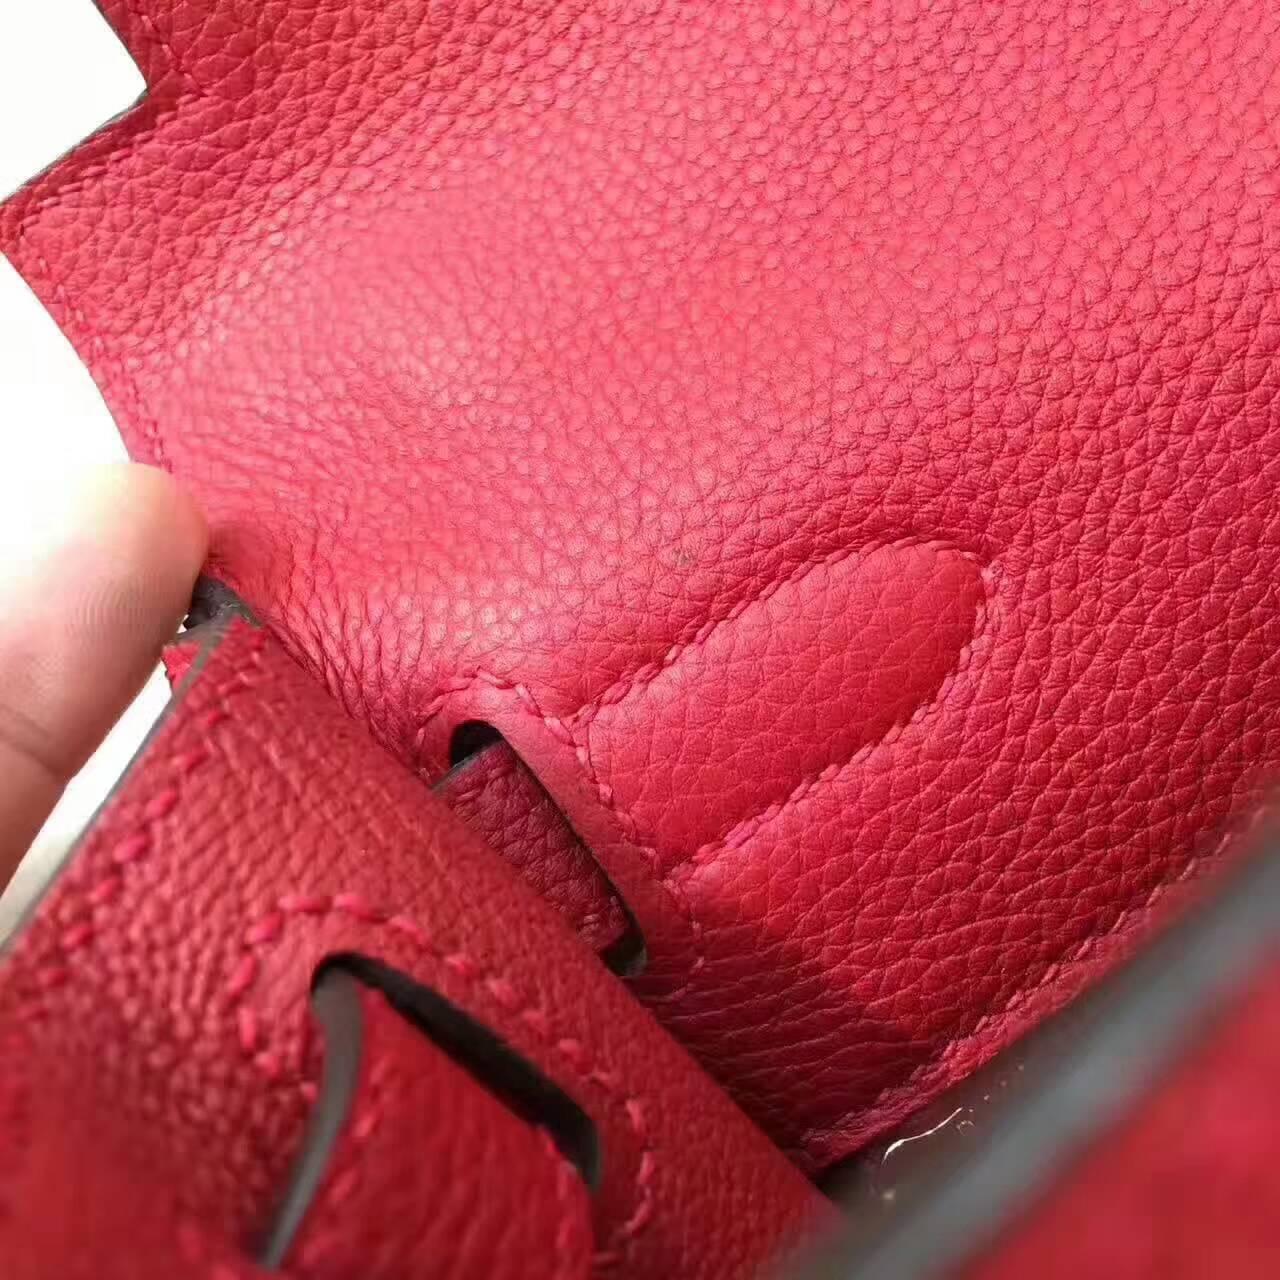 爱马仕凯莉包 Kelly 28cm Togo 法国原产小牛皮 Q5 Rouge Casaqbe 中国红 金扣